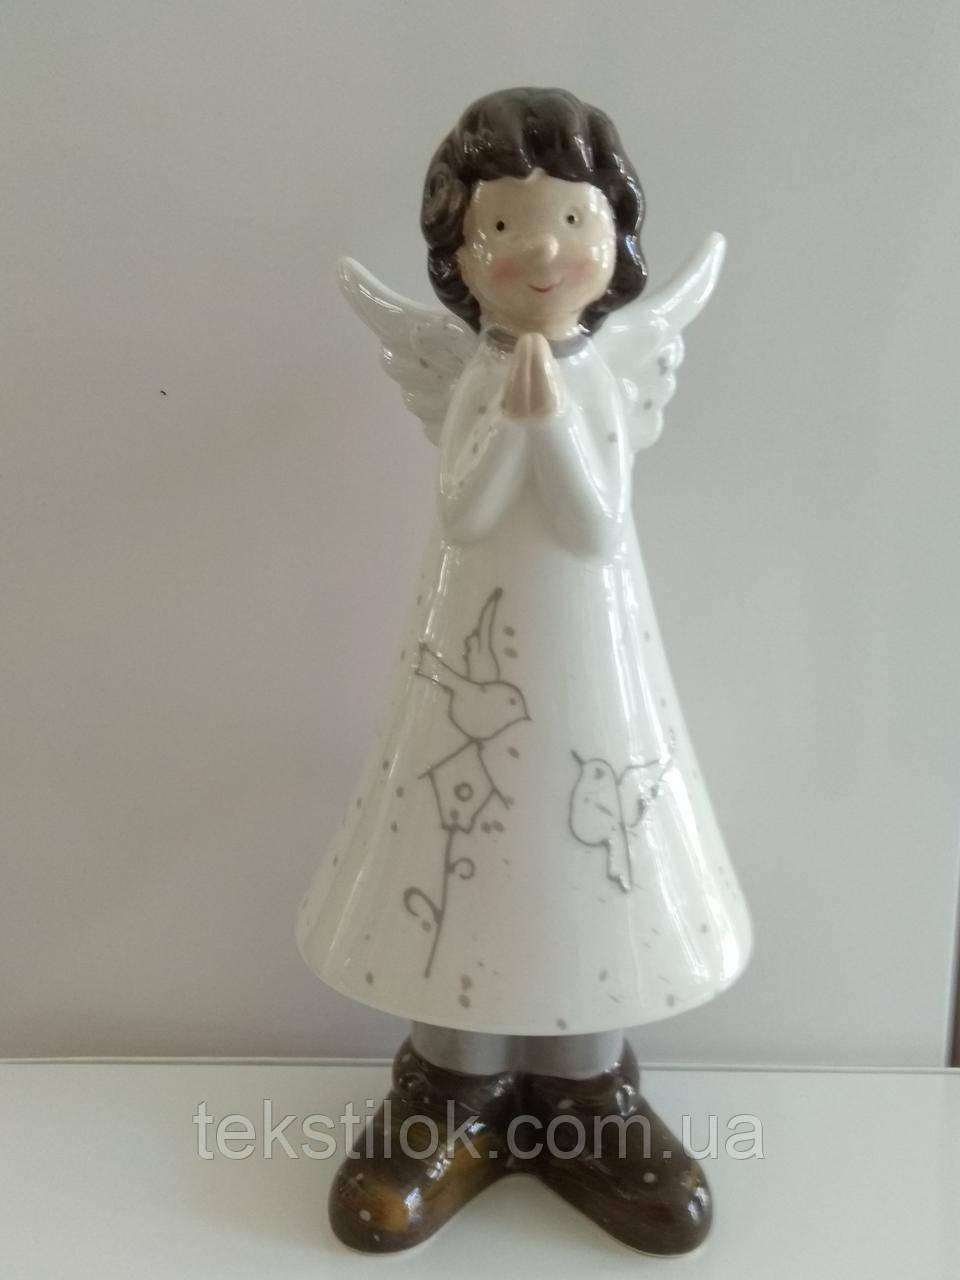 Статуэтка Ангел 23 см.большой - фарфор